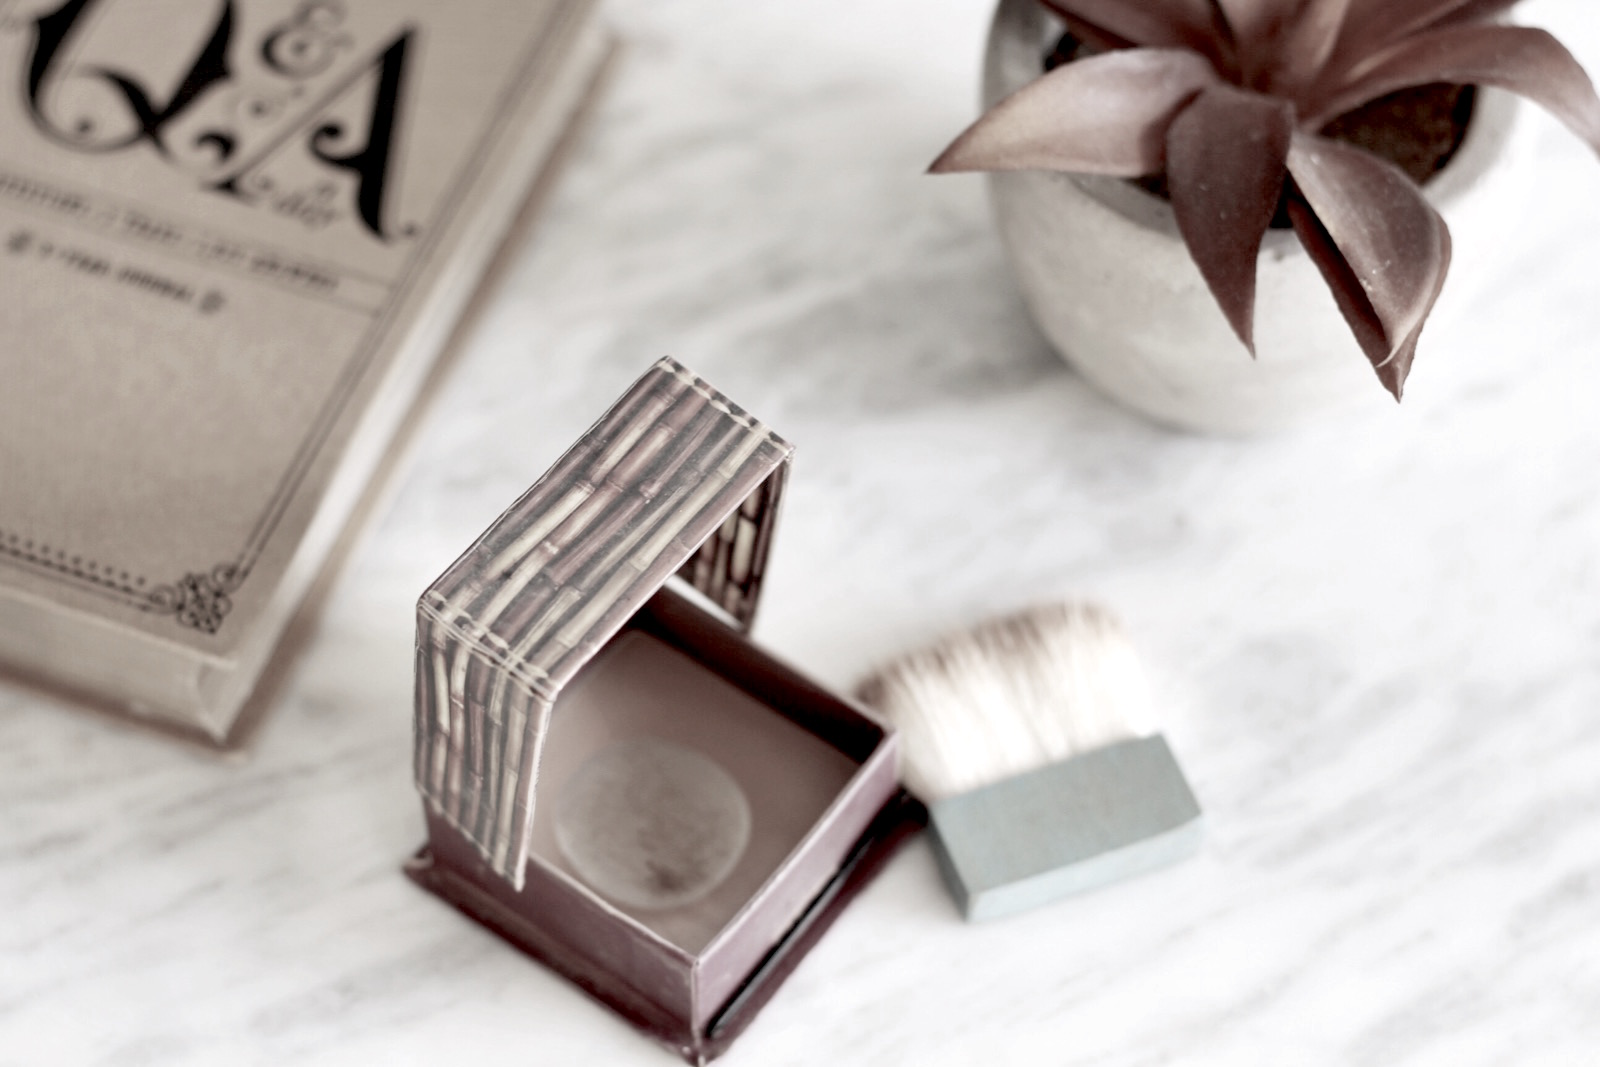 Bronzer: Hoola by Benefit